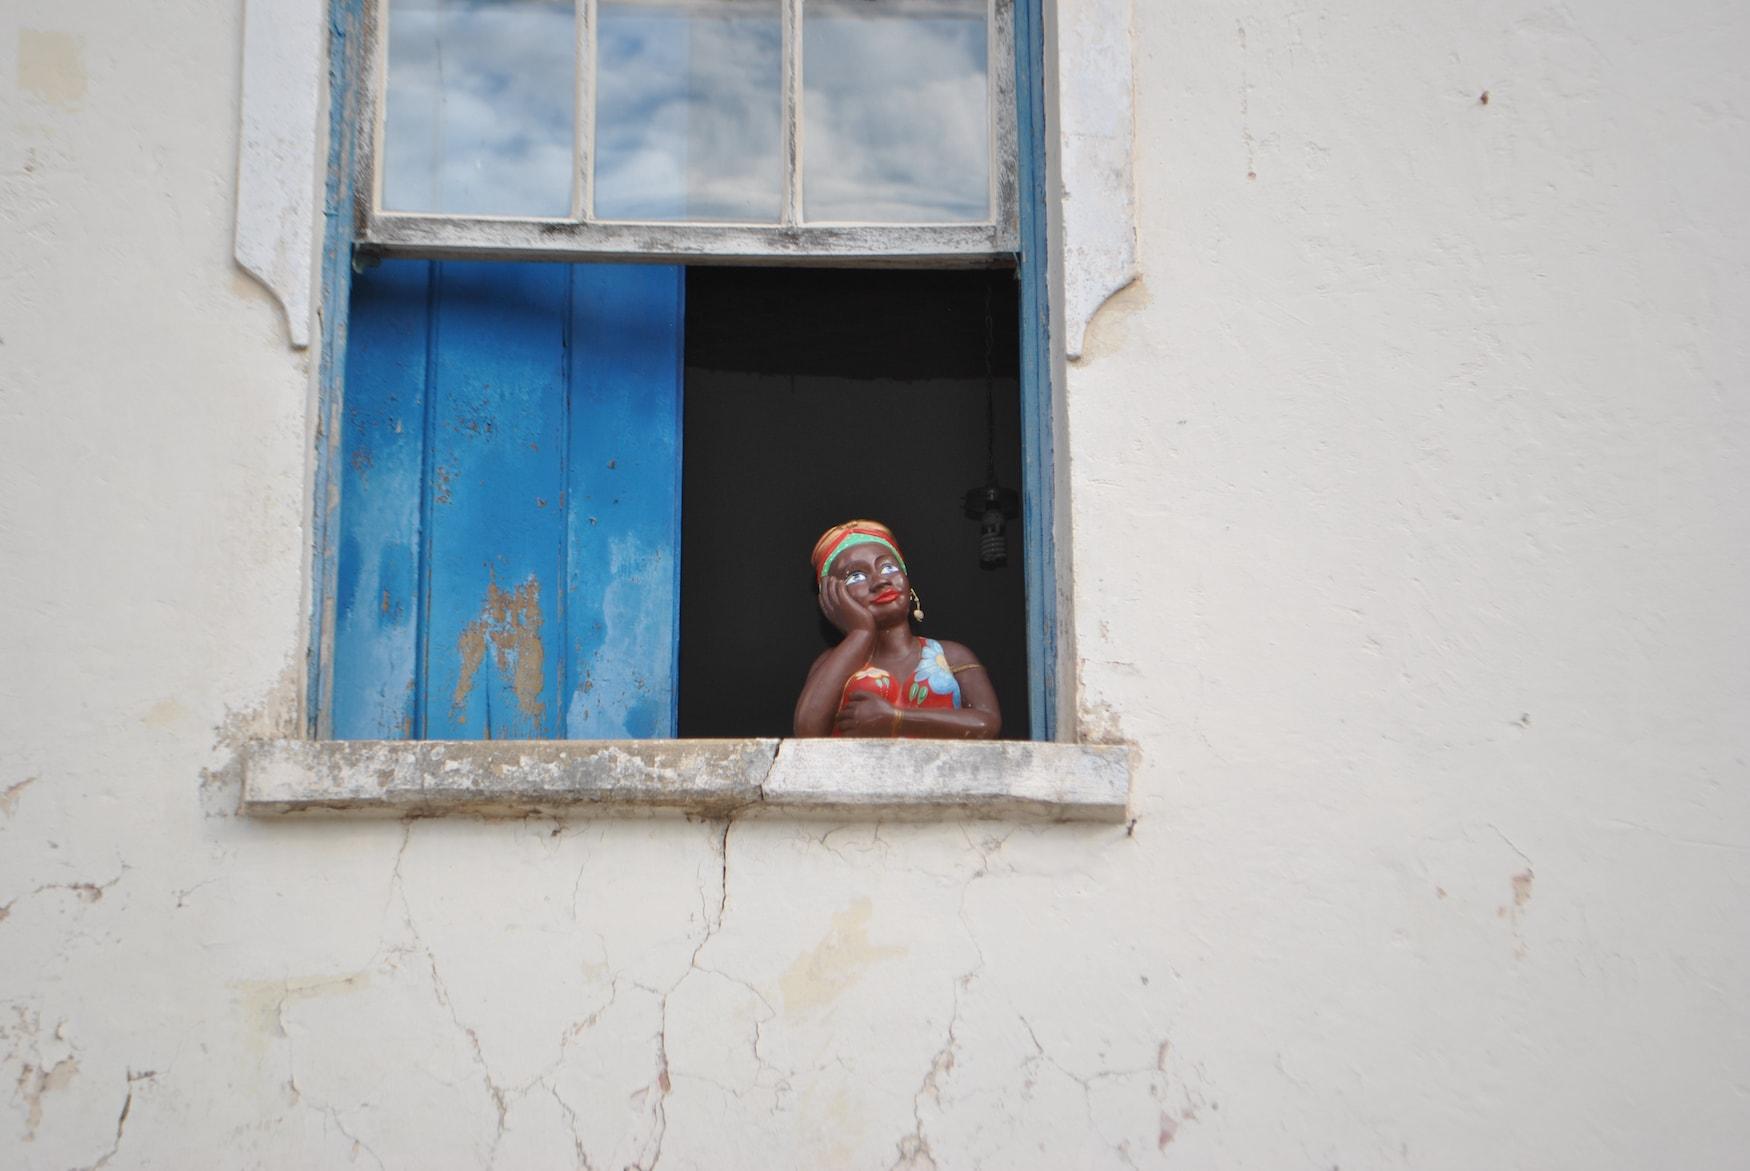 Schwarze Frauenfigur guckt aus Fenster in einem Souvenir-Shop in Salvador in Bahia, Brasilien